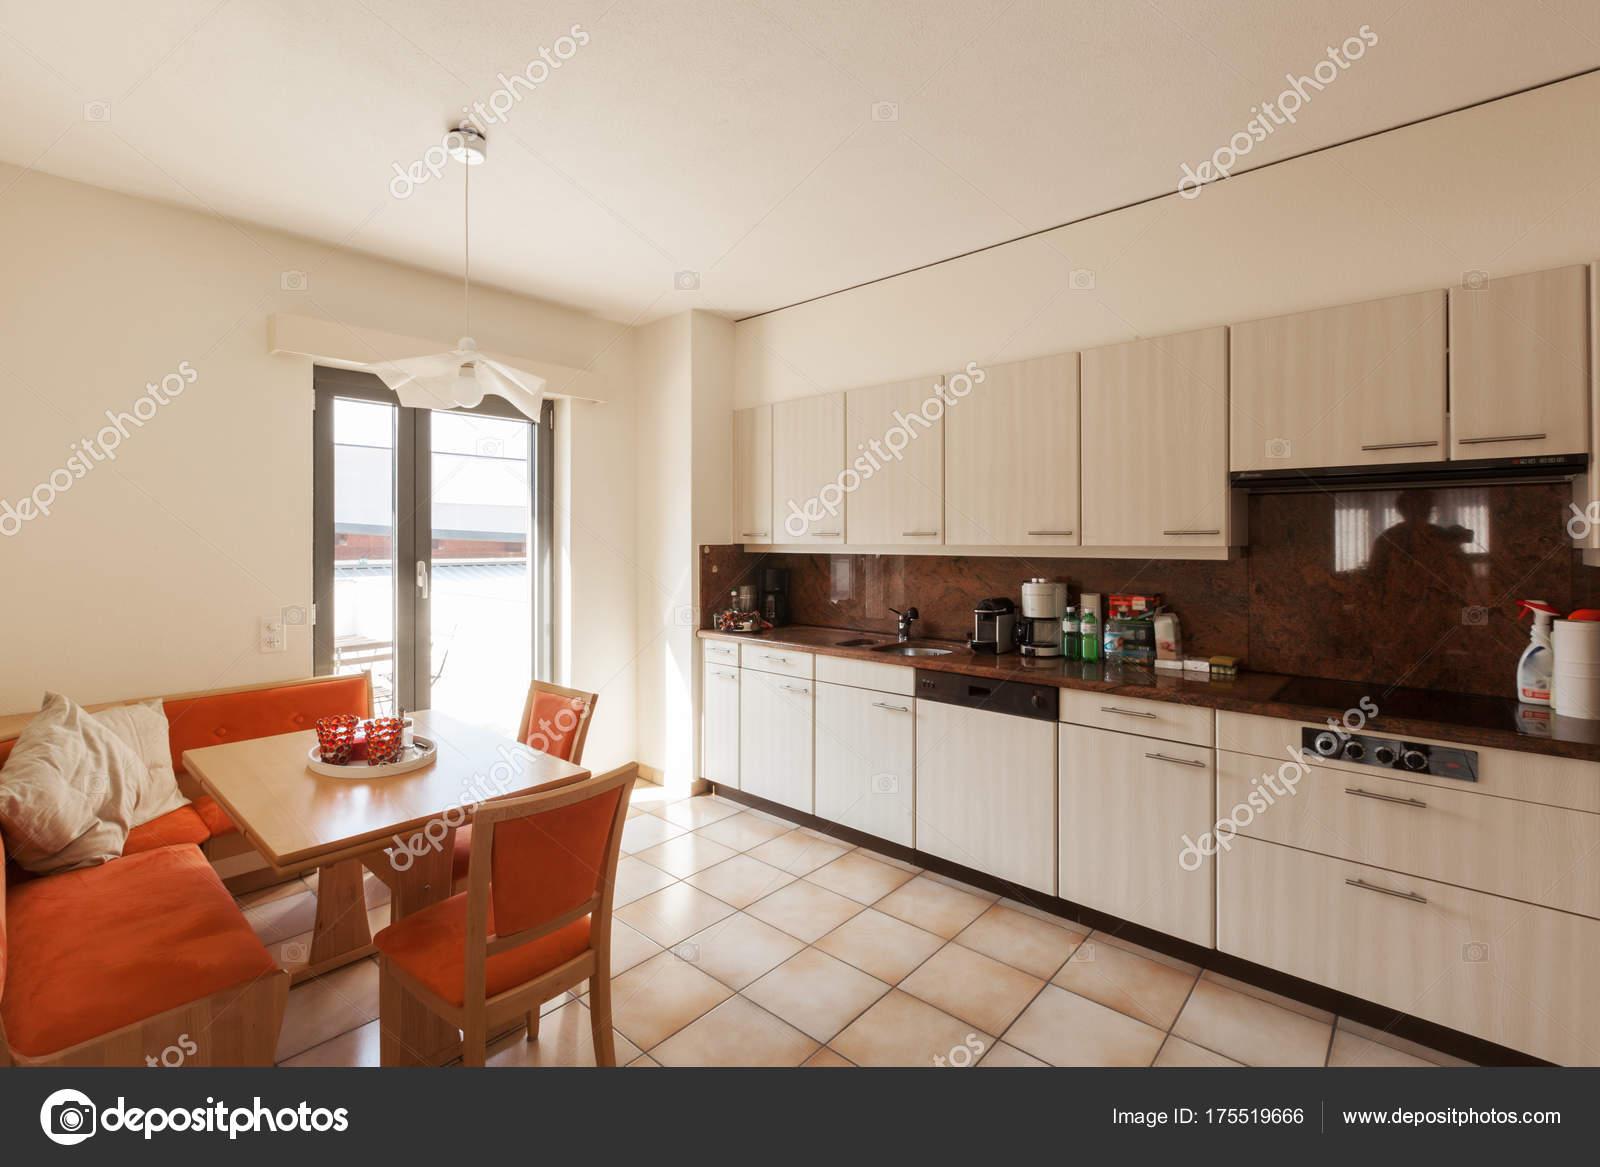 Maison moderne cuisine intérieure, — Photographie Zveiger ...